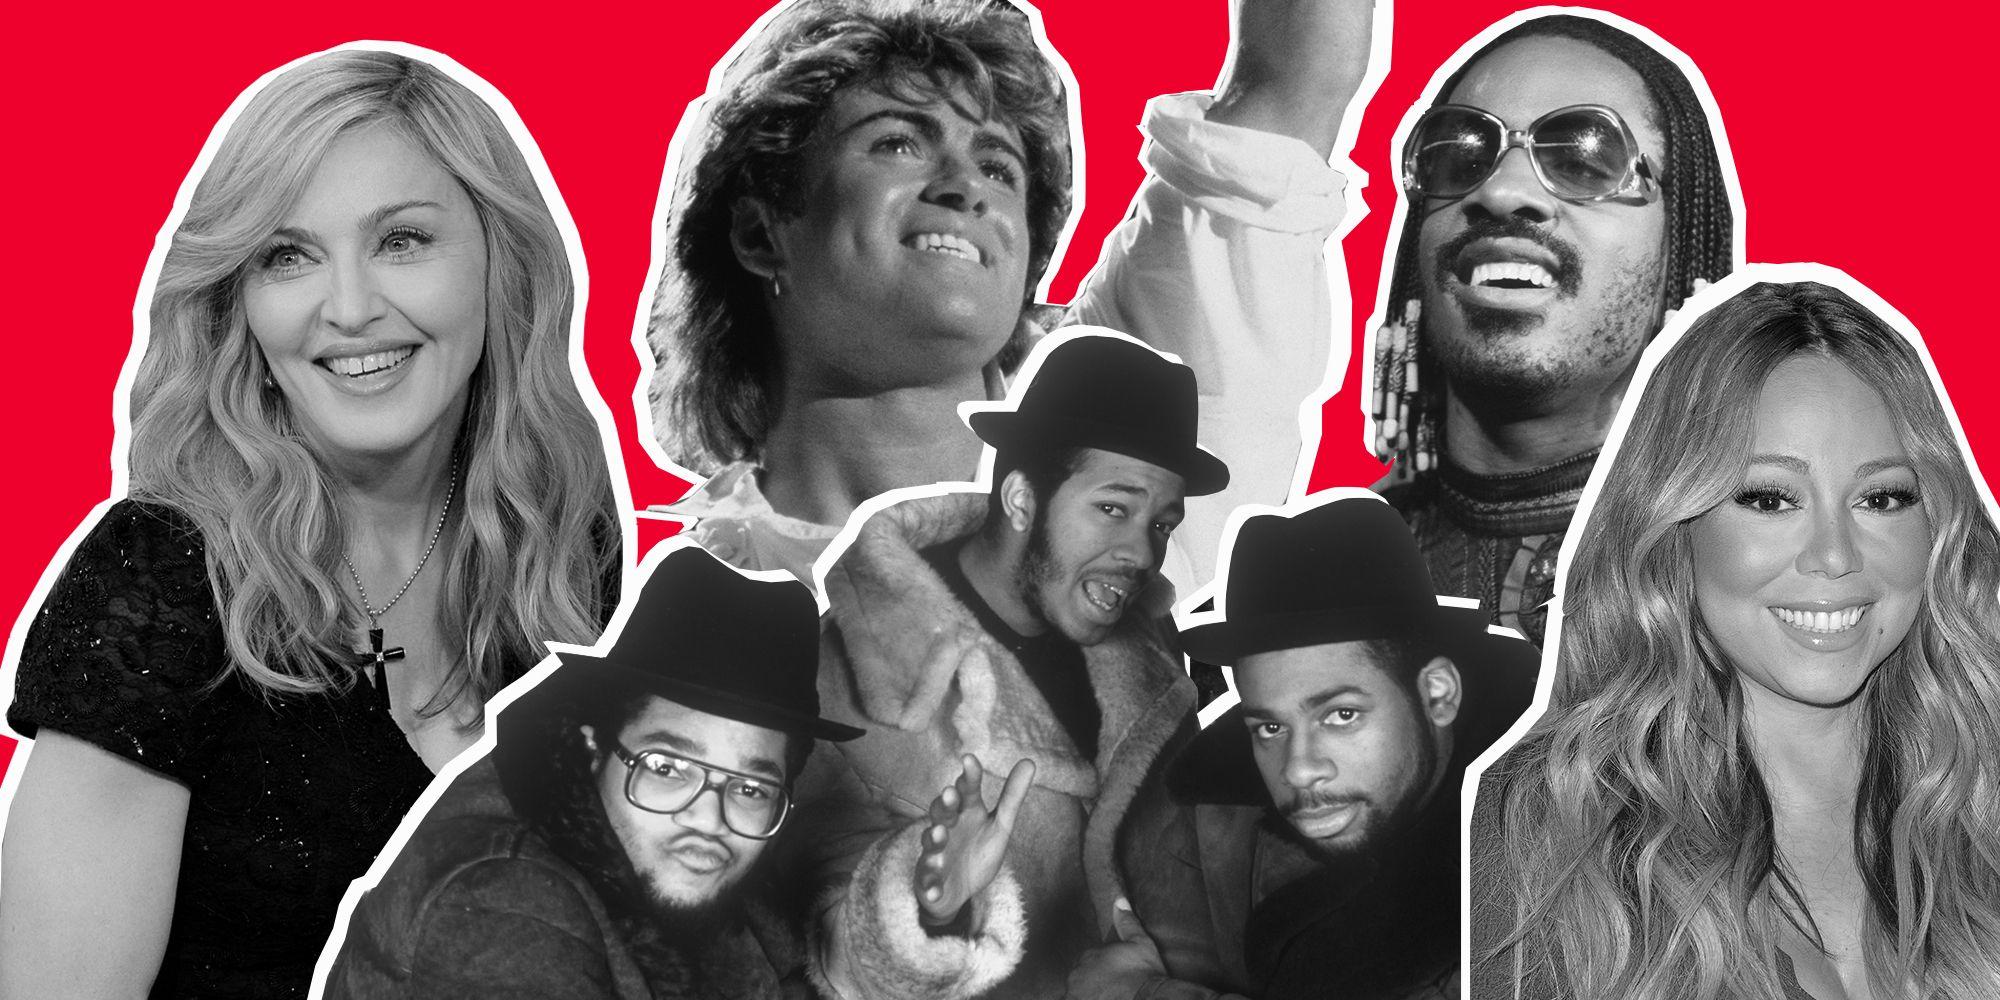 flirting moves that work on women video music 2017 songs